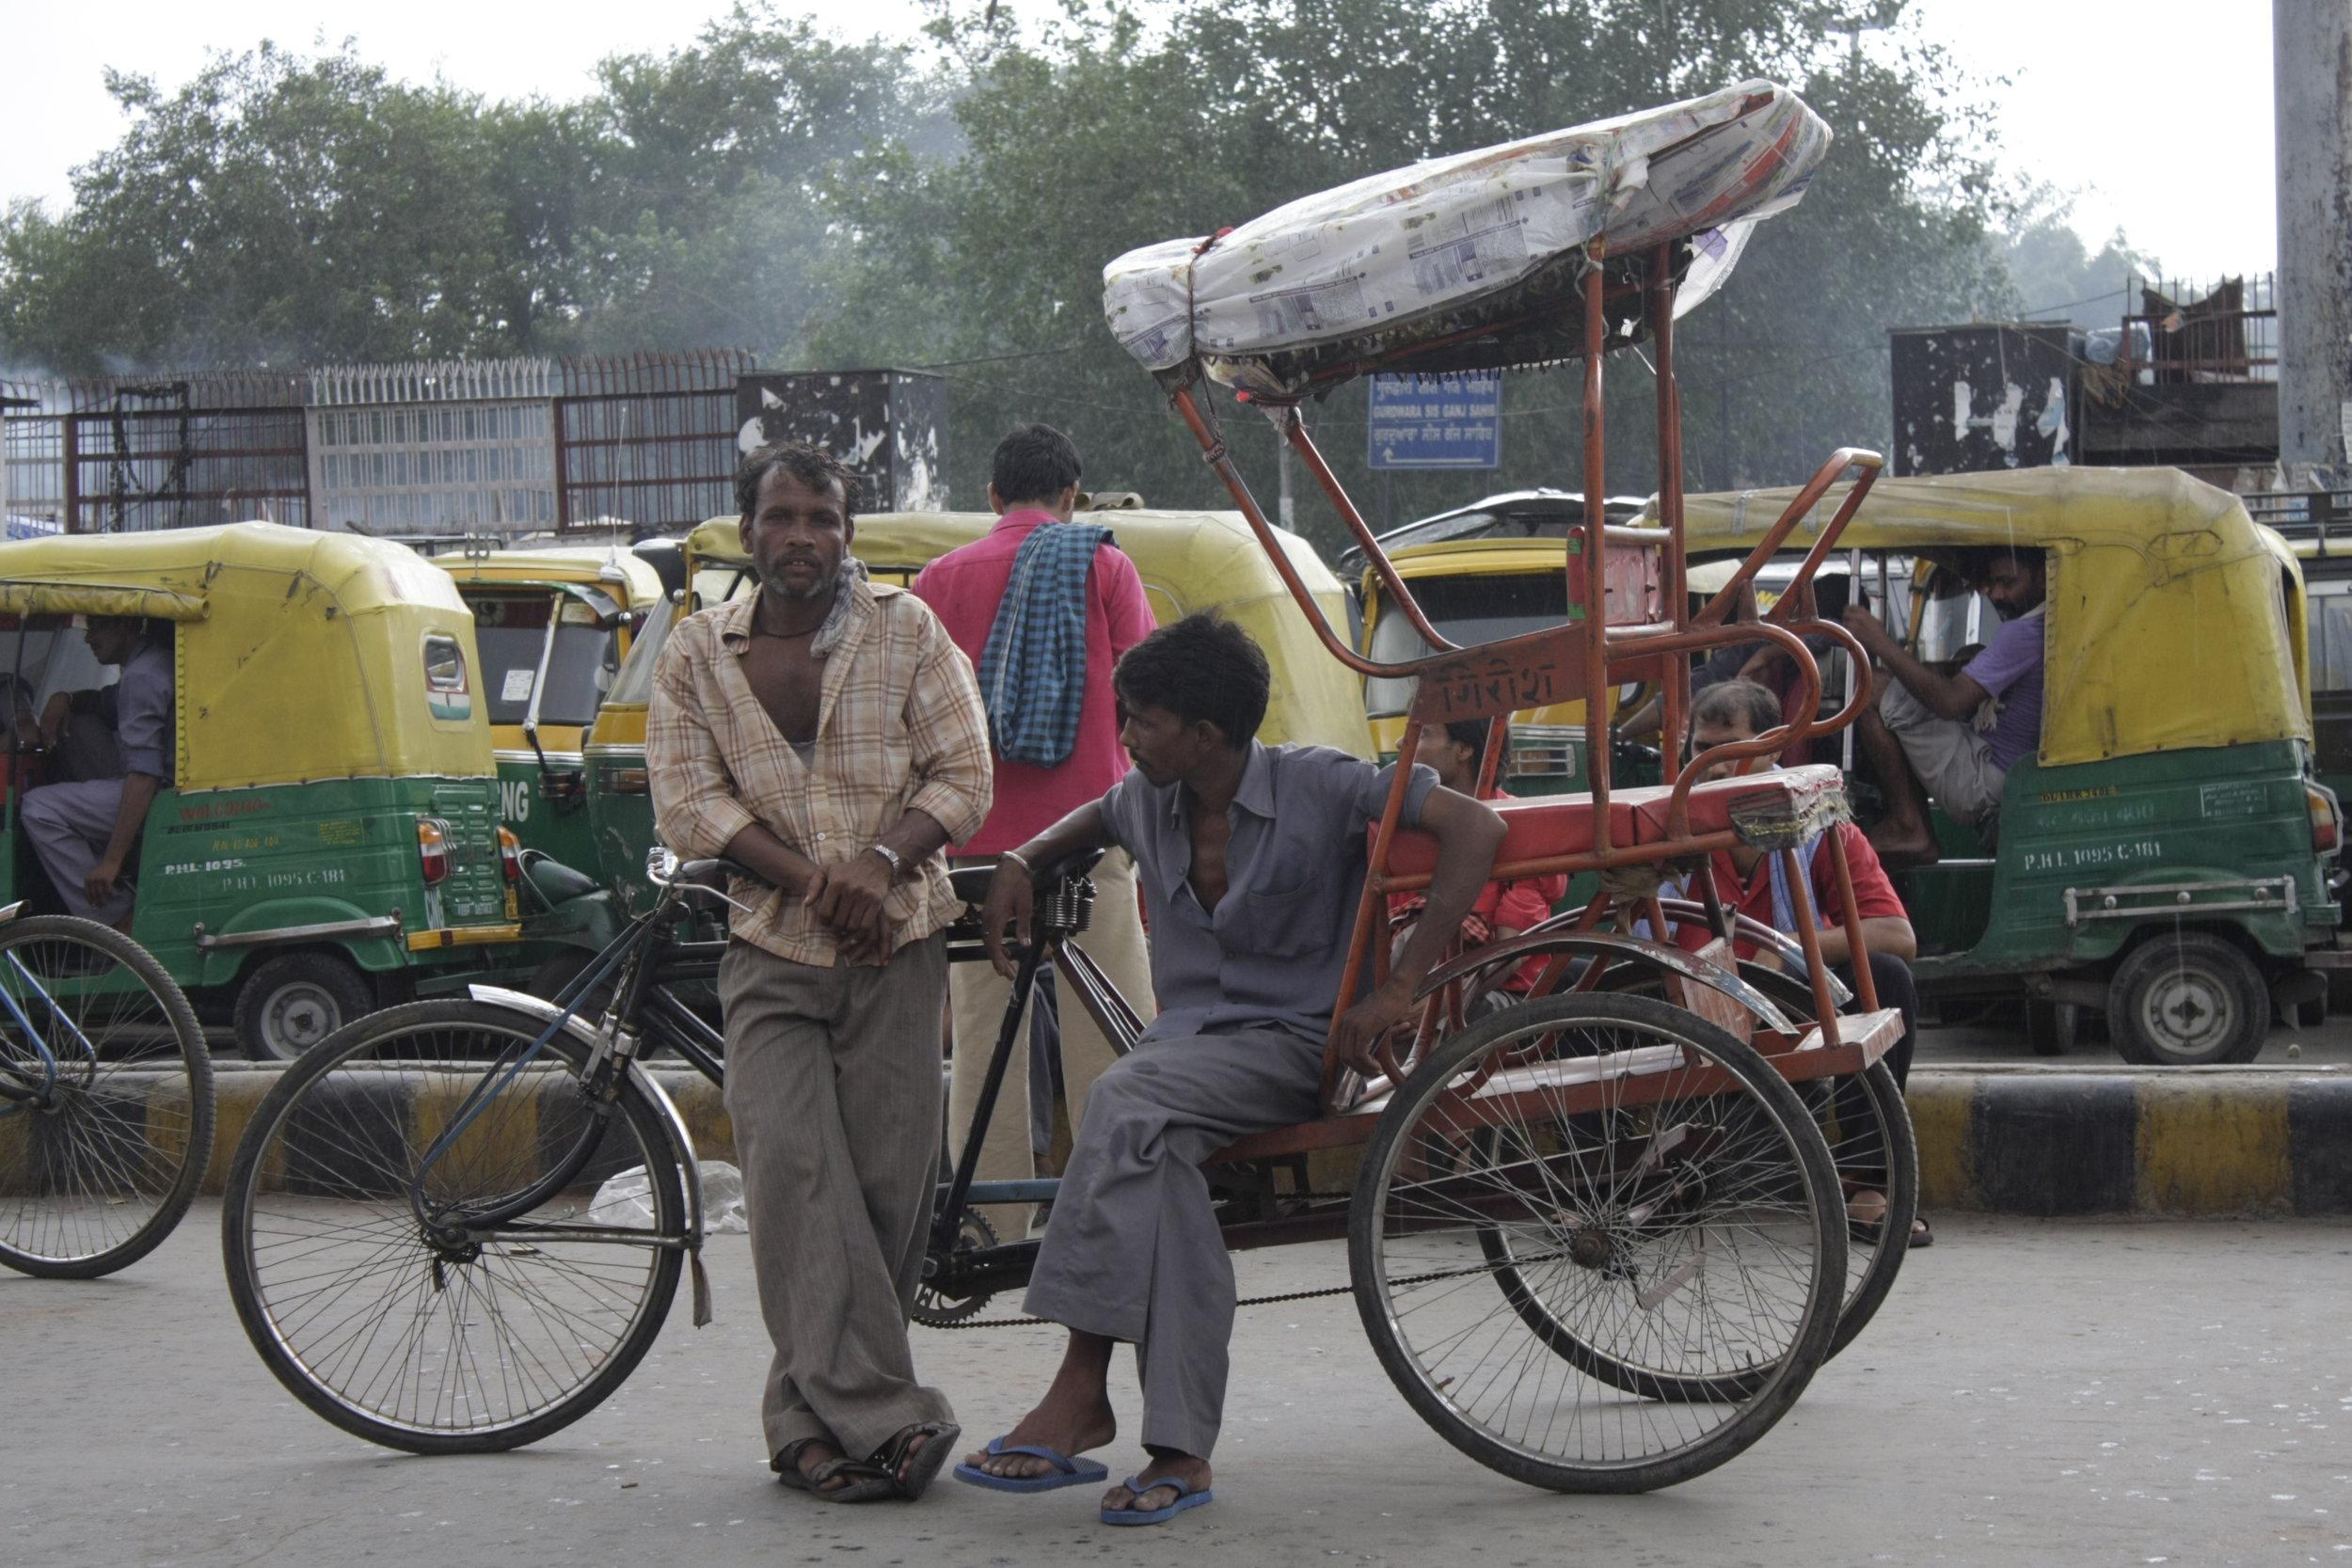 Rickshaw drivers in Old Delhi ( photo by K. Brøndsted )